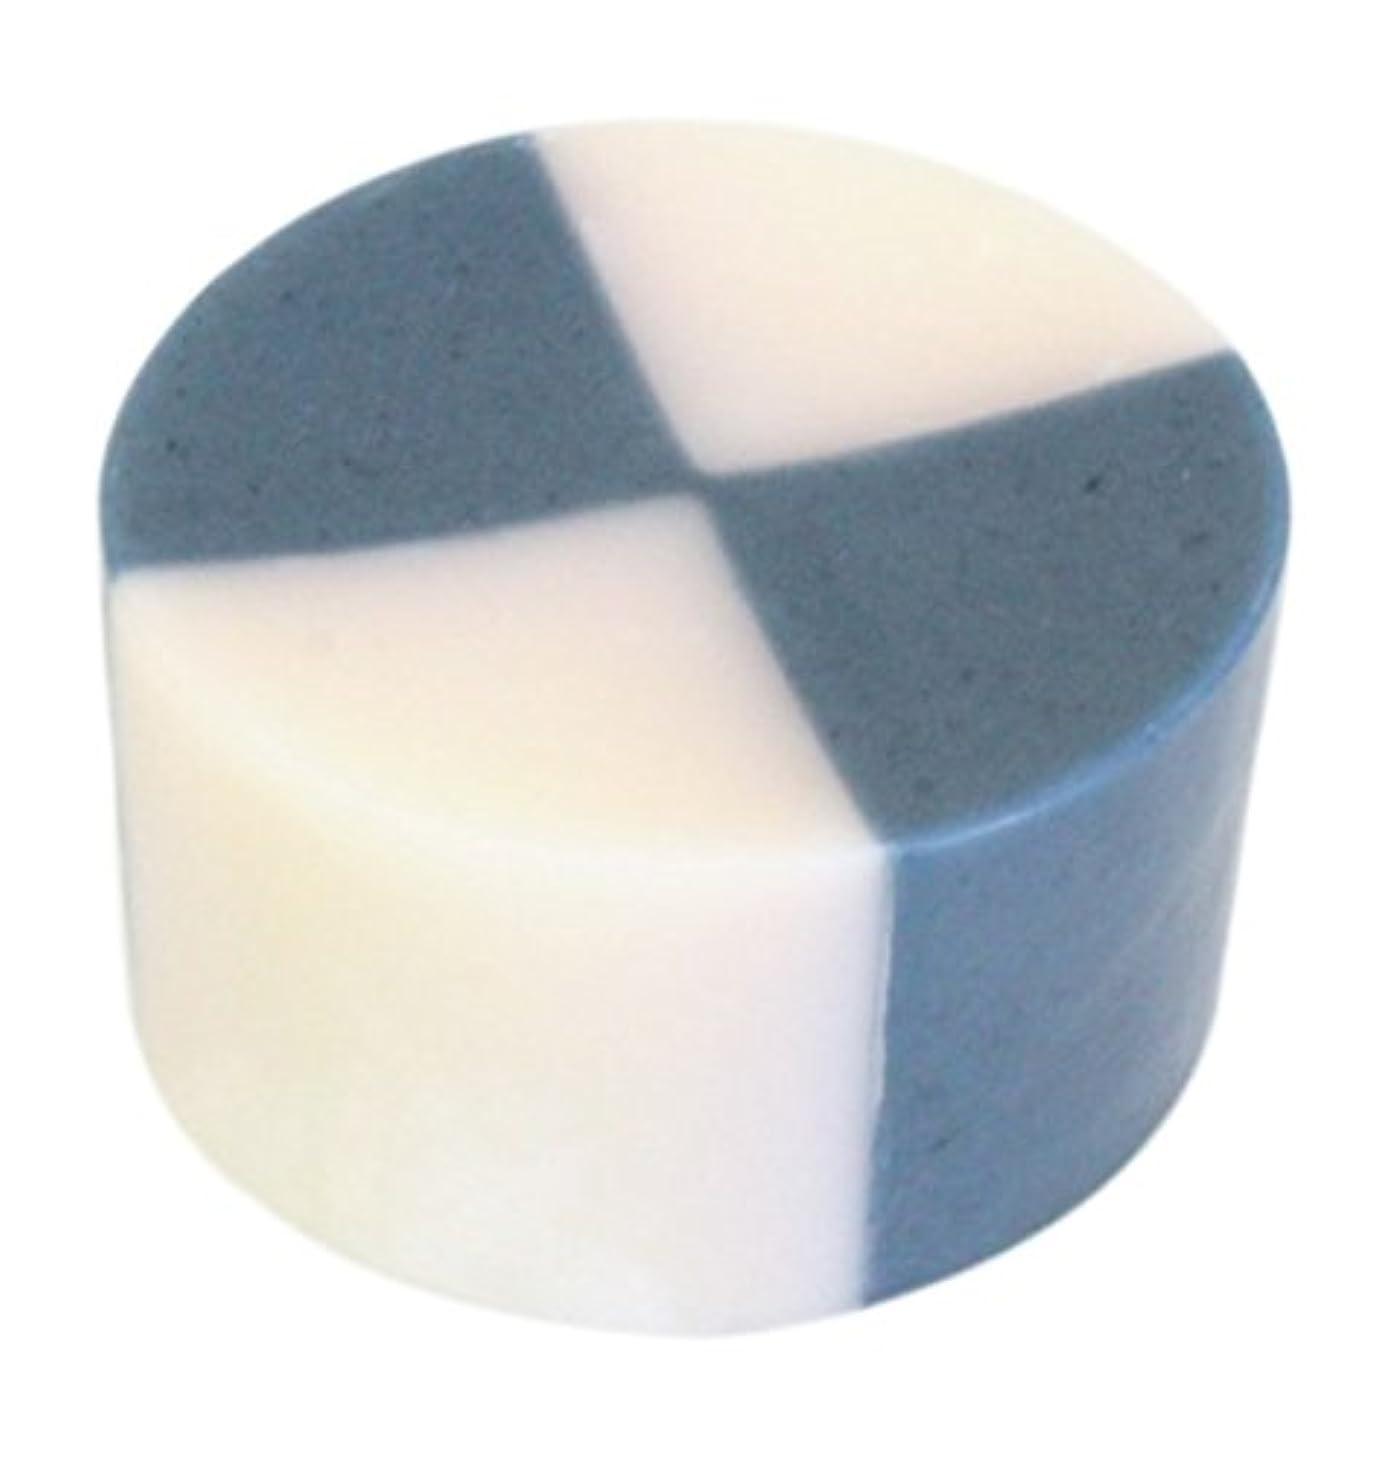 奇跡的なジャンプ心理的藍色工房 藍染め石けん「いちまつ」(60g)